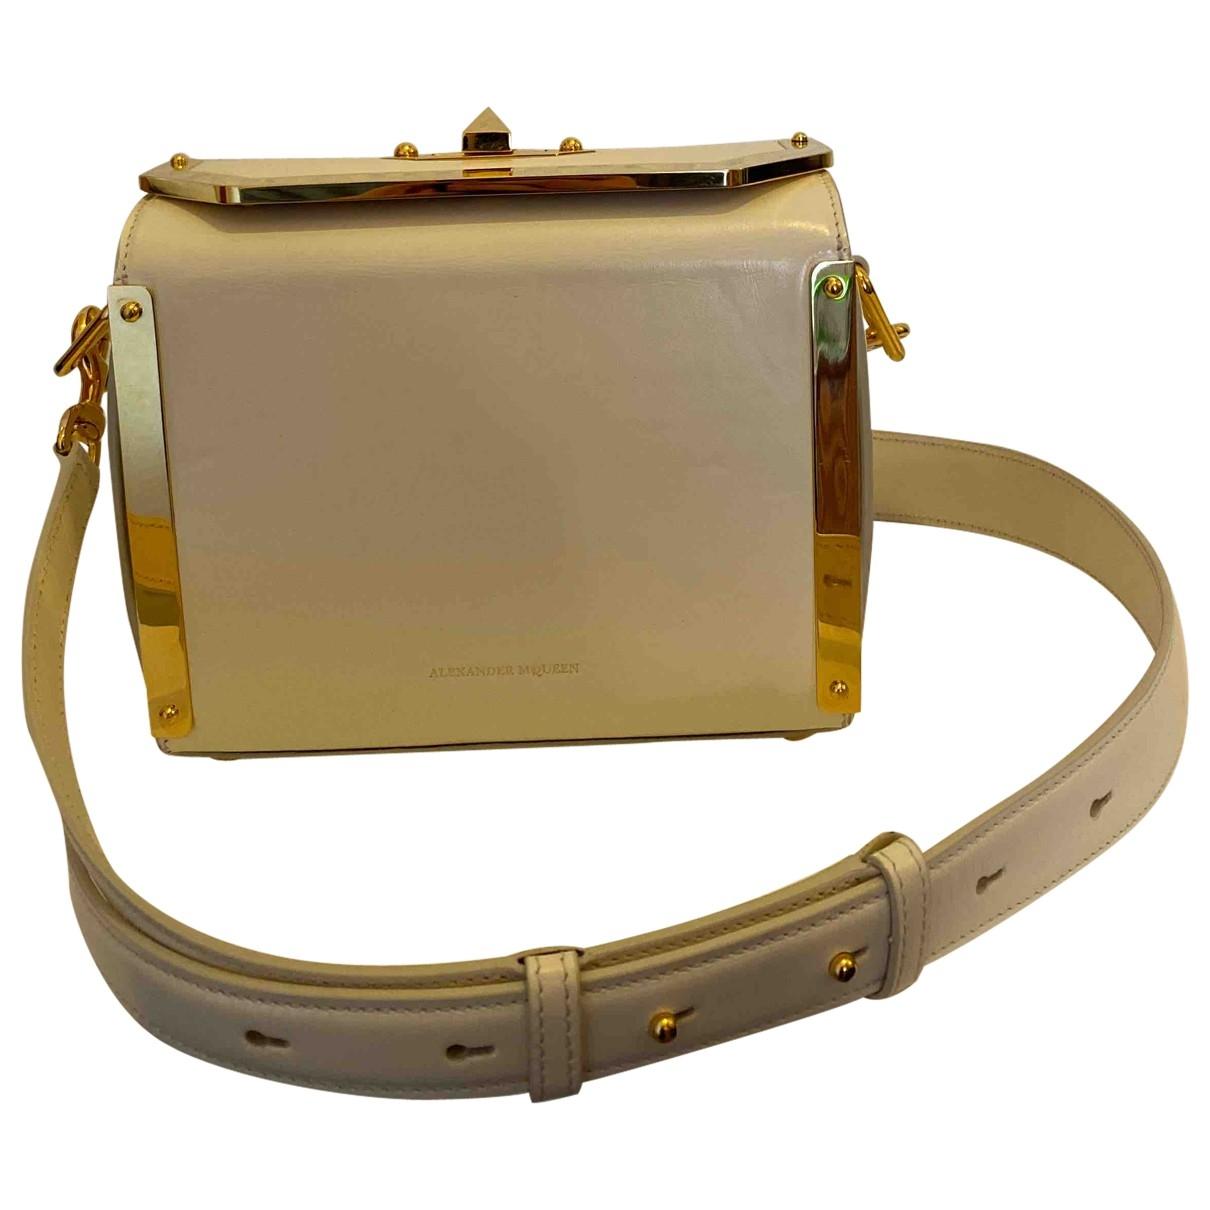 Alexander Mcqueen Box 16 White Leather handbag for Women \N